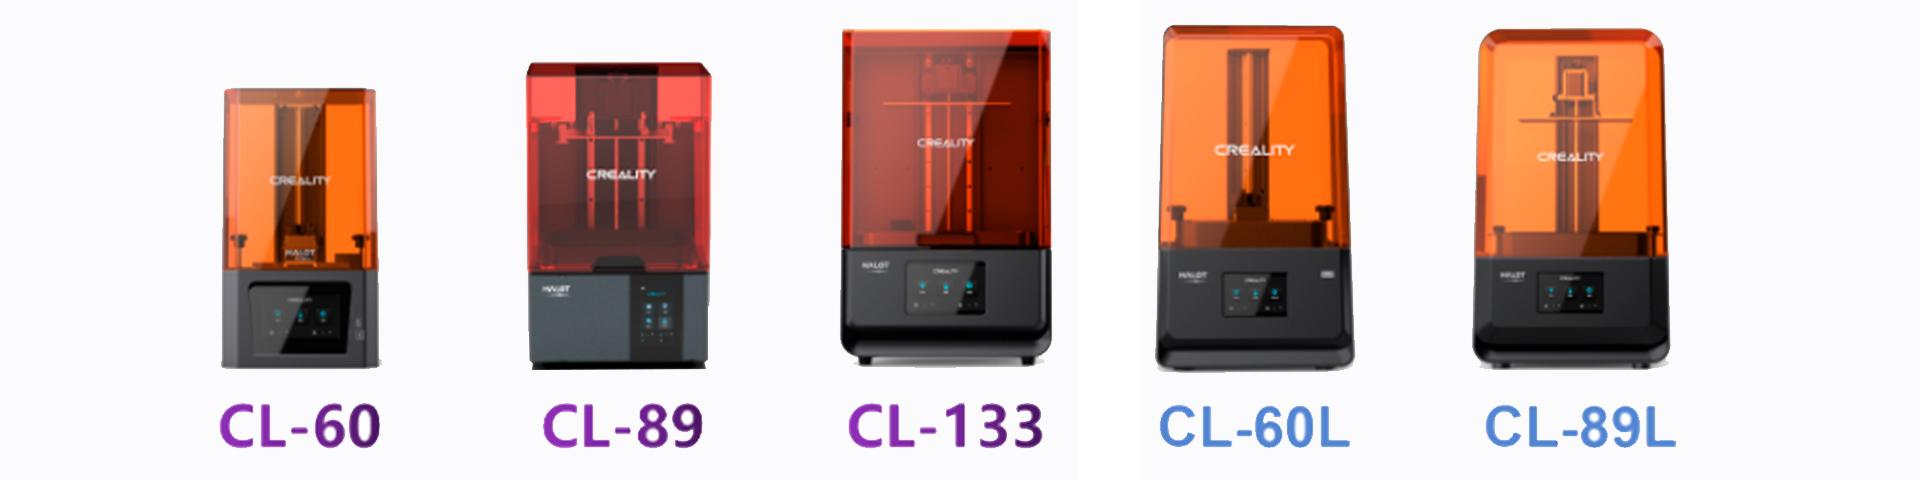 Impressoras 3D de resina série HALOT